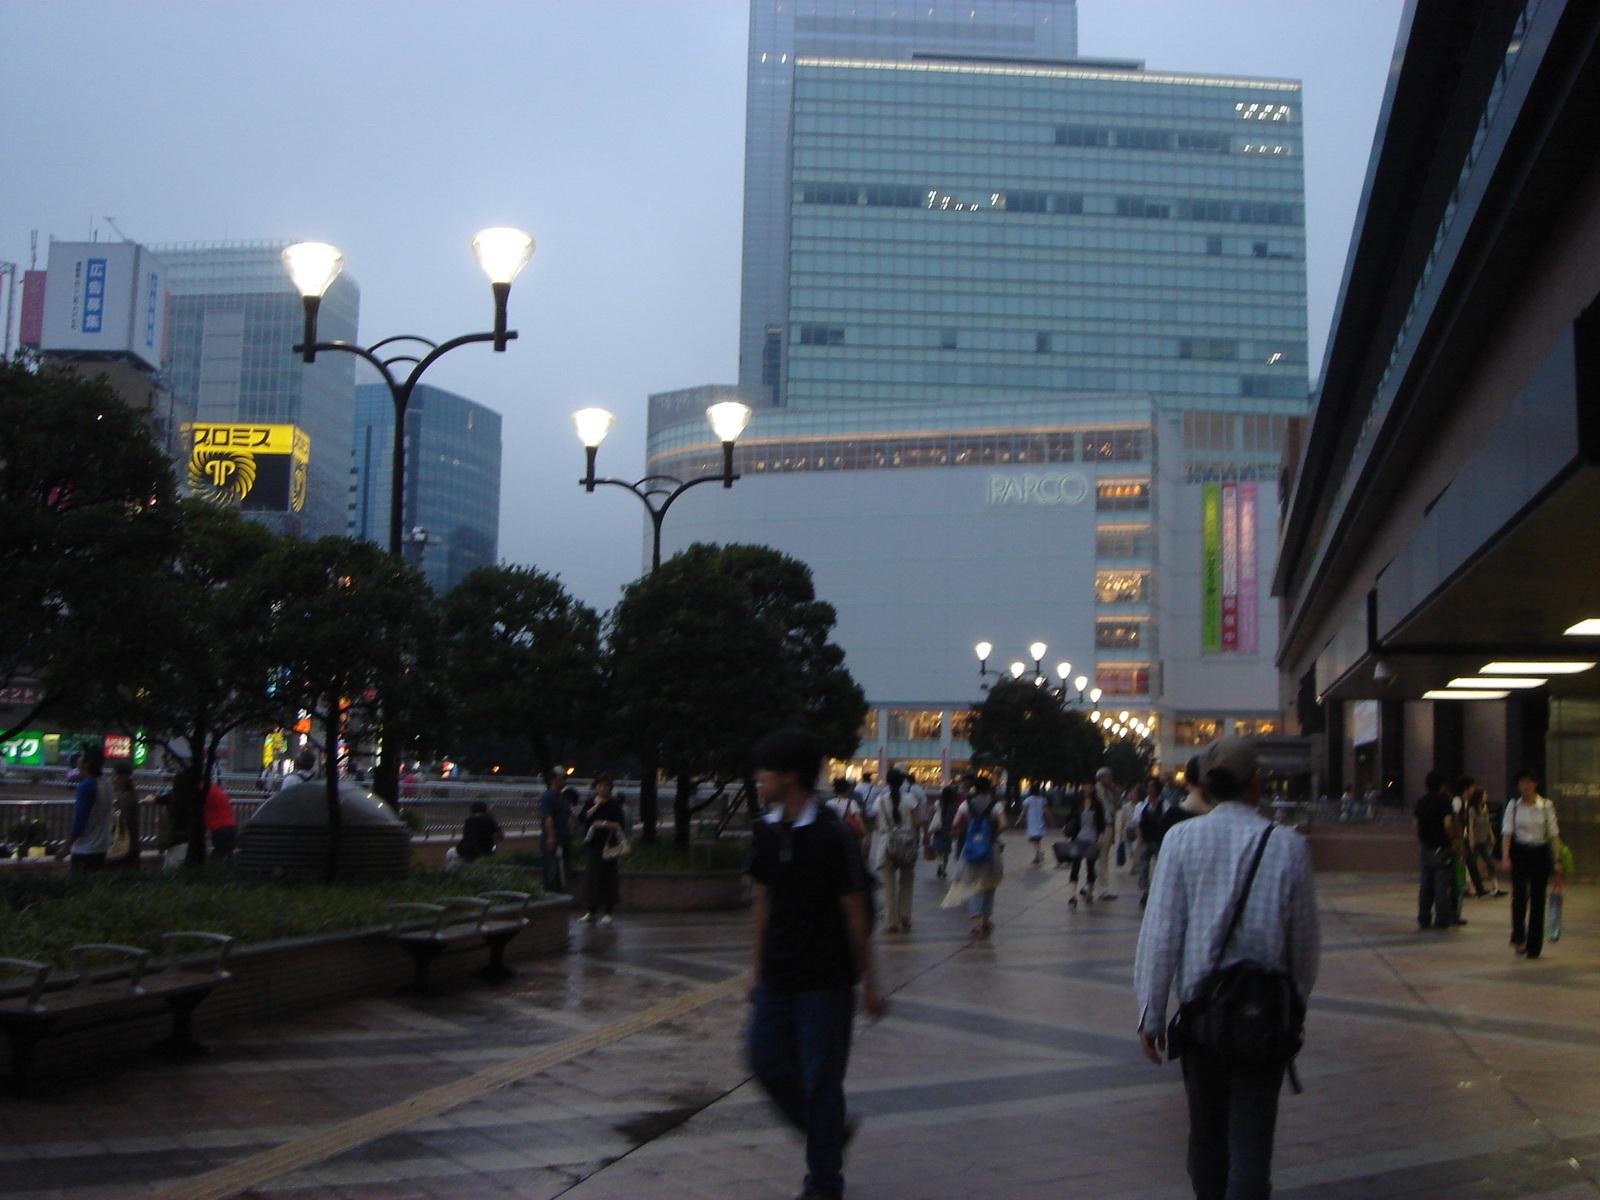 都会 びっくり」「大都会」と表示 ようこそ ○× ソーシャル 「コトノハ」へ! コトノハは、色々